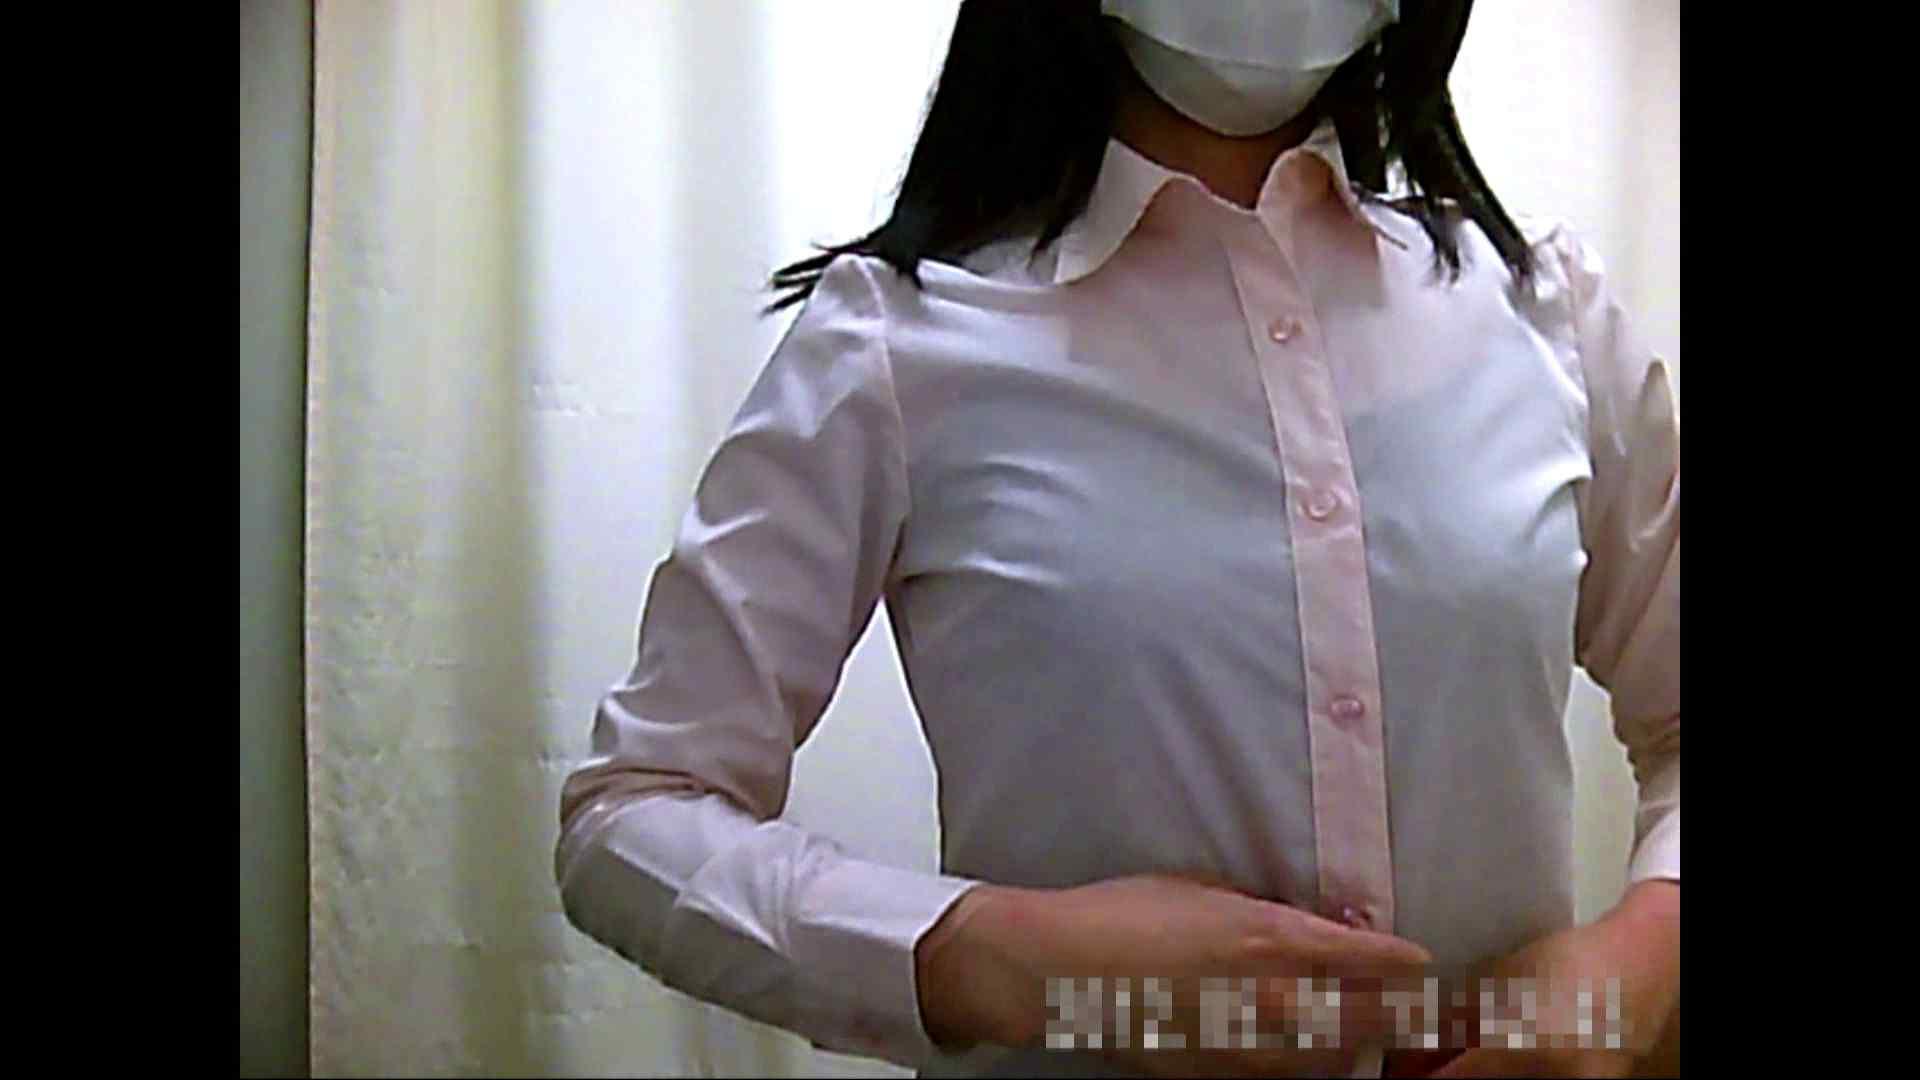 元医者による反抗 更衣室地獄絵巻 vol.004 お姉さん攻略  111画像 24